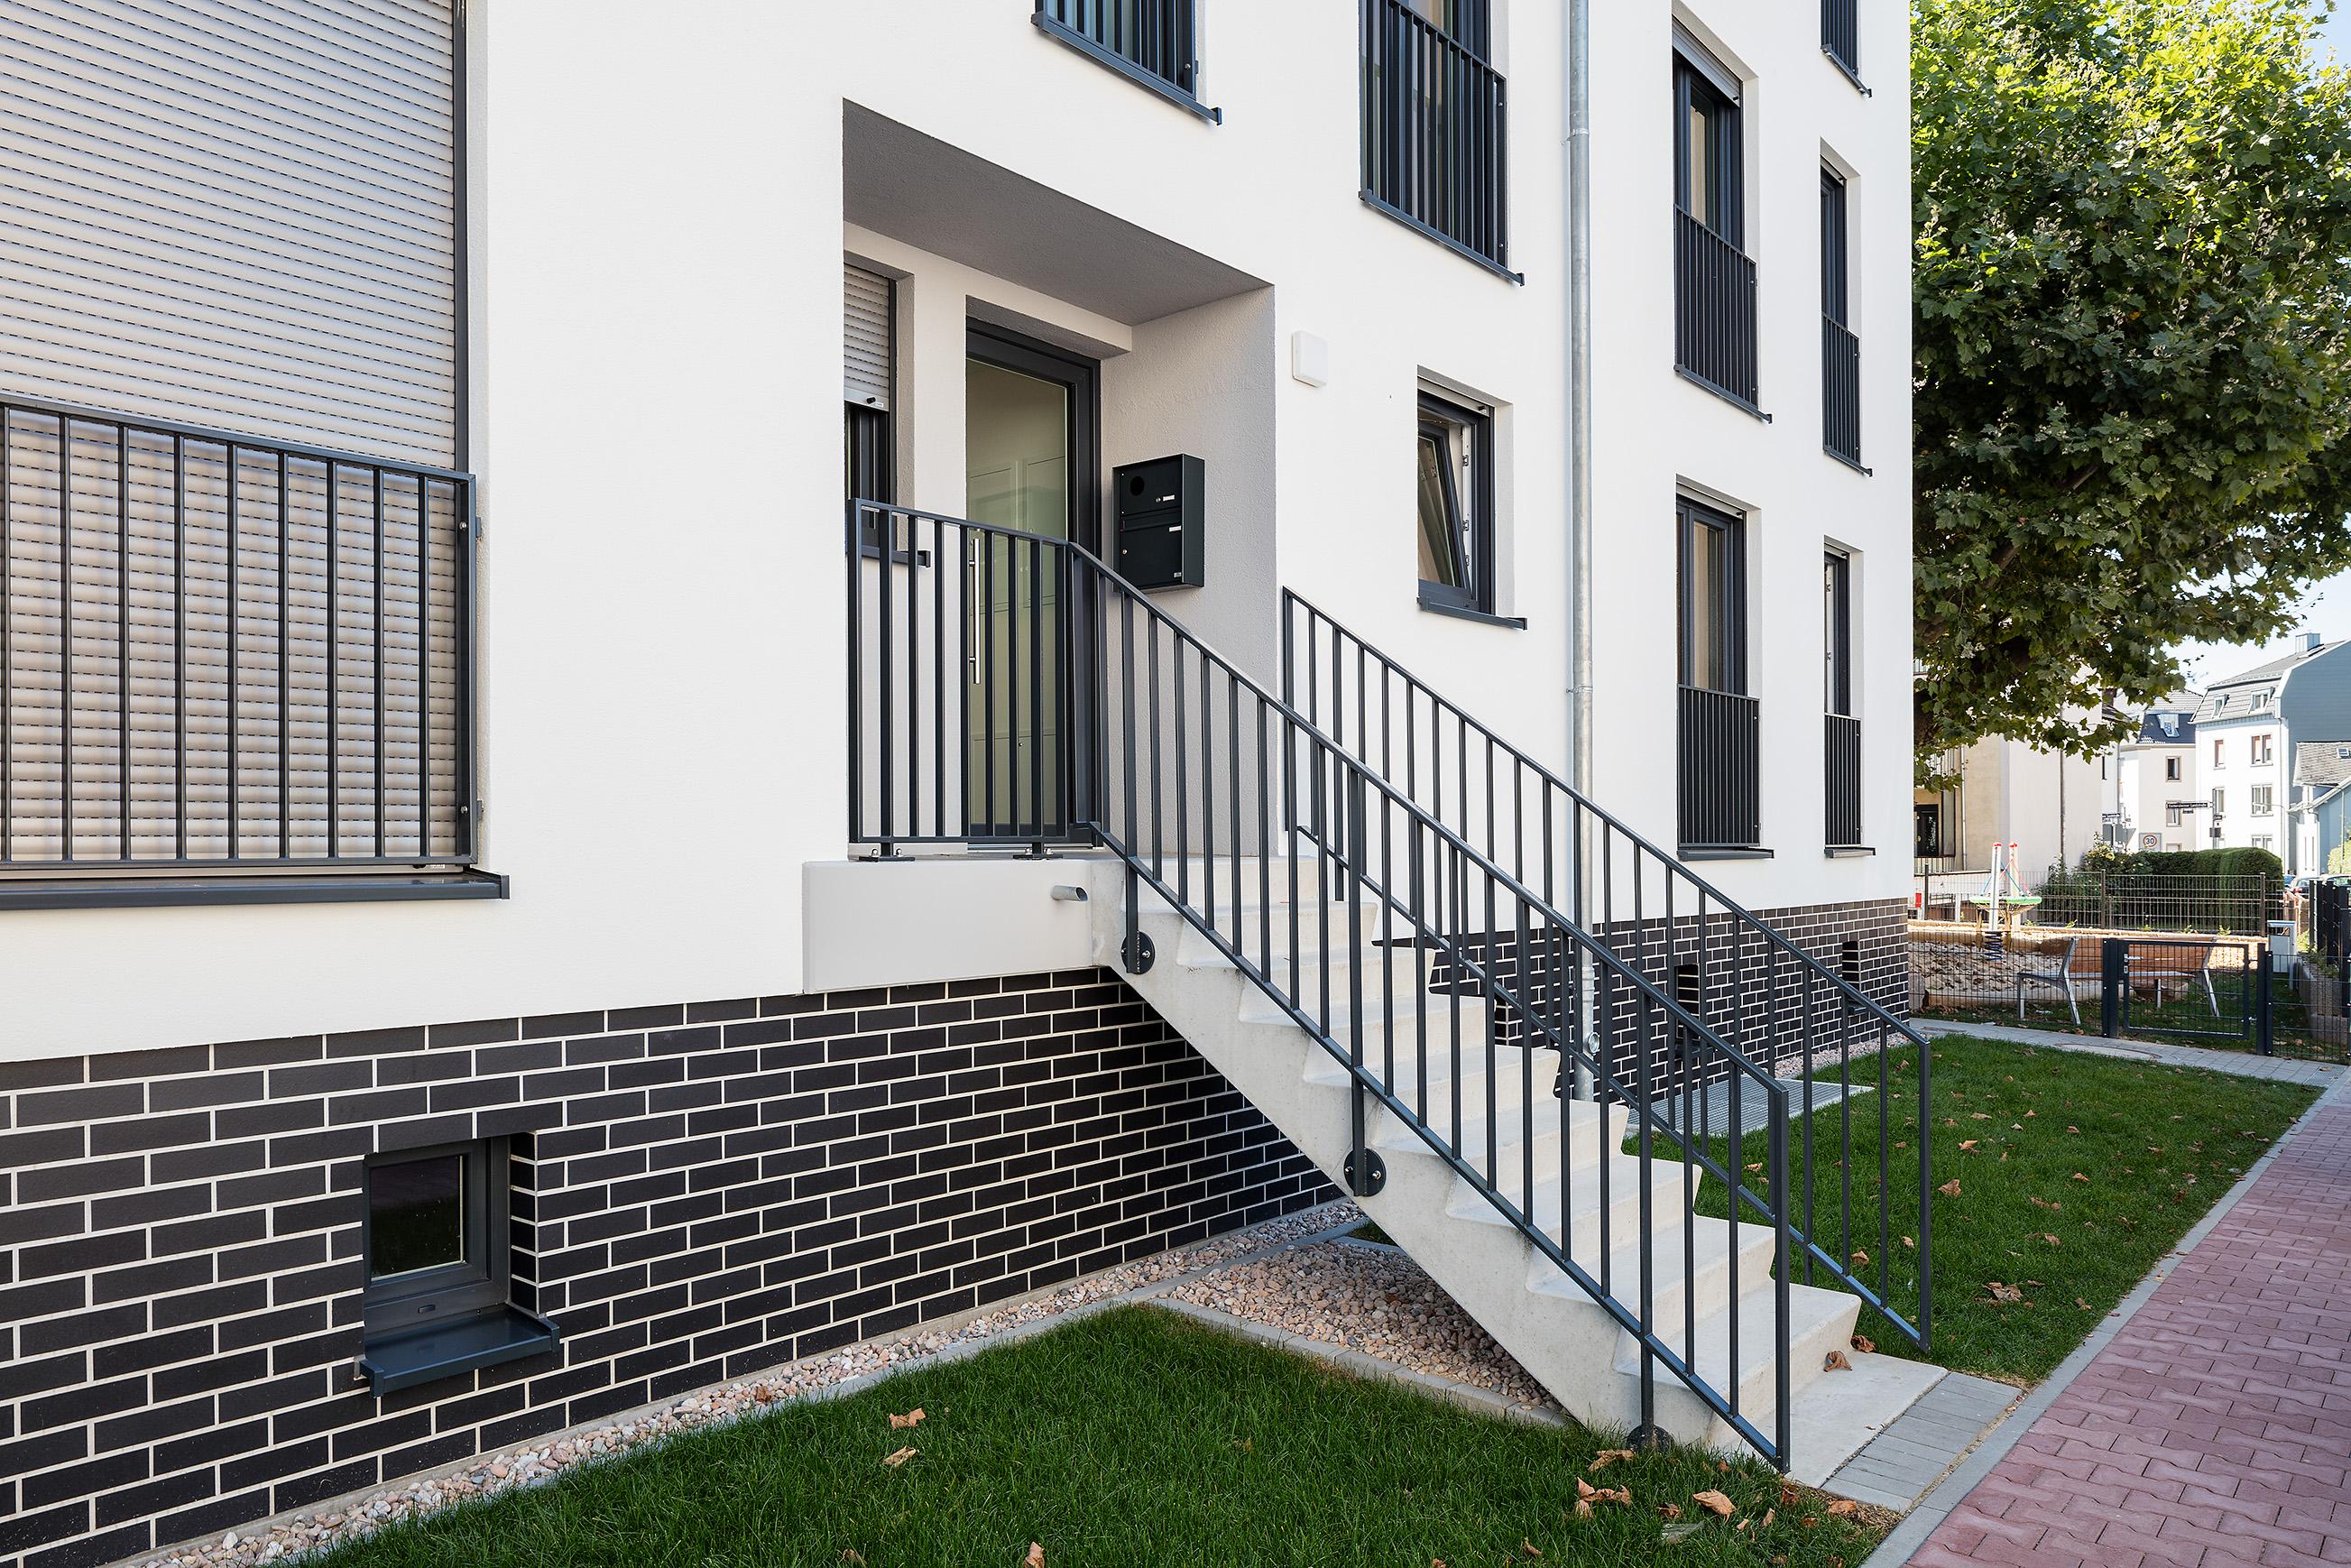 eigentumswohnung mit tiefgarage frankfurt am main. Black Bedroom Furniture Sets. Home Design Ideas